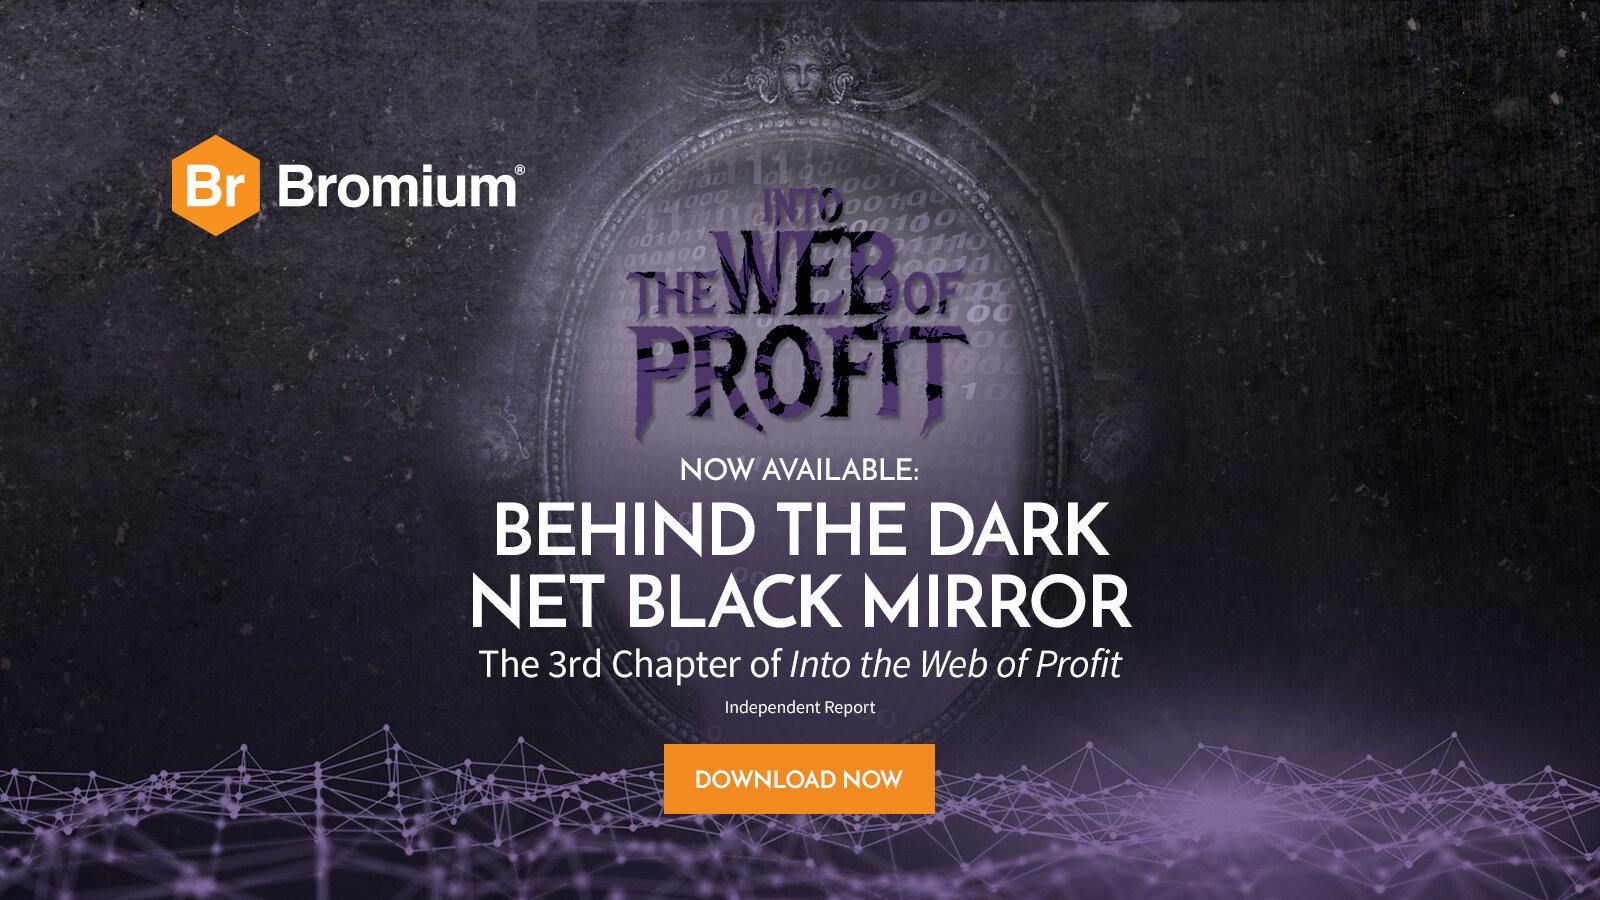 Bromium-WoP-Announce1-June19-SMV3.jpg